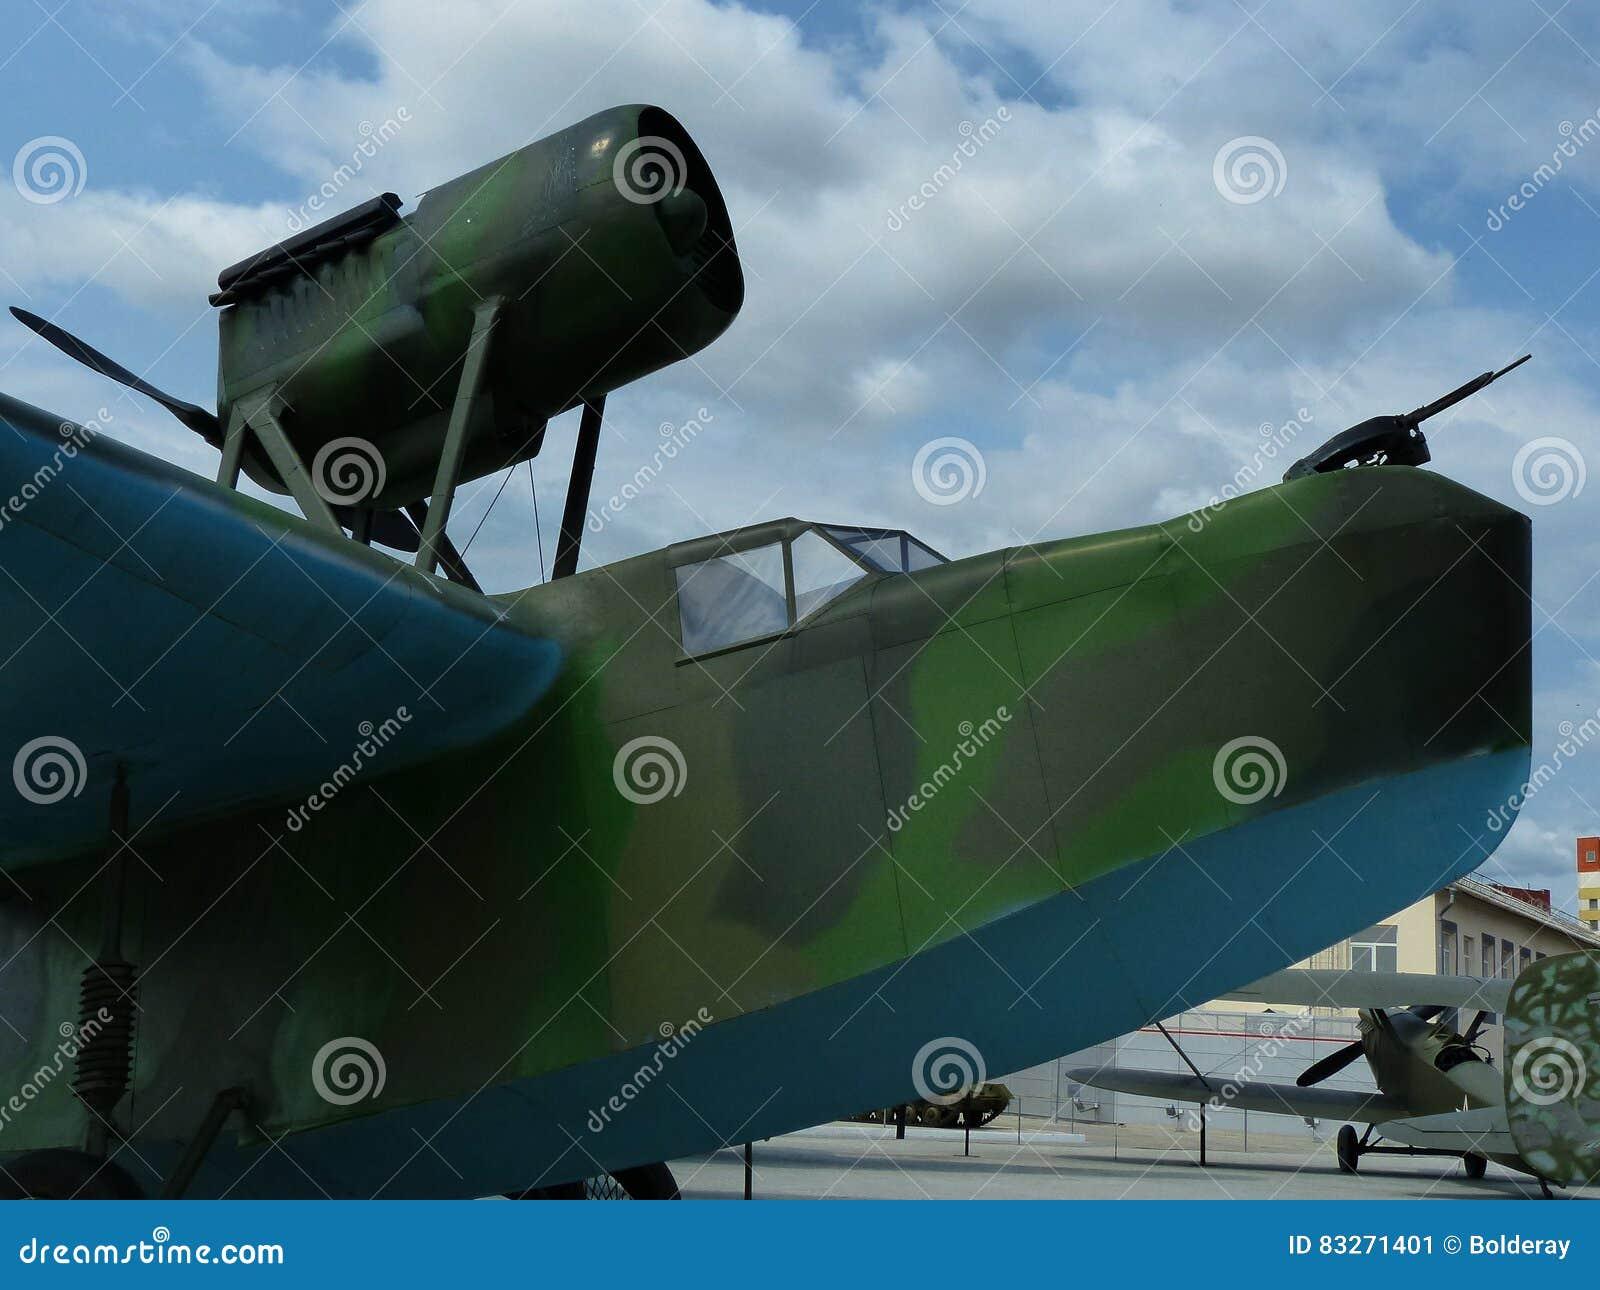 Avions de reconnaissance maritime MBR-2 closeup Été